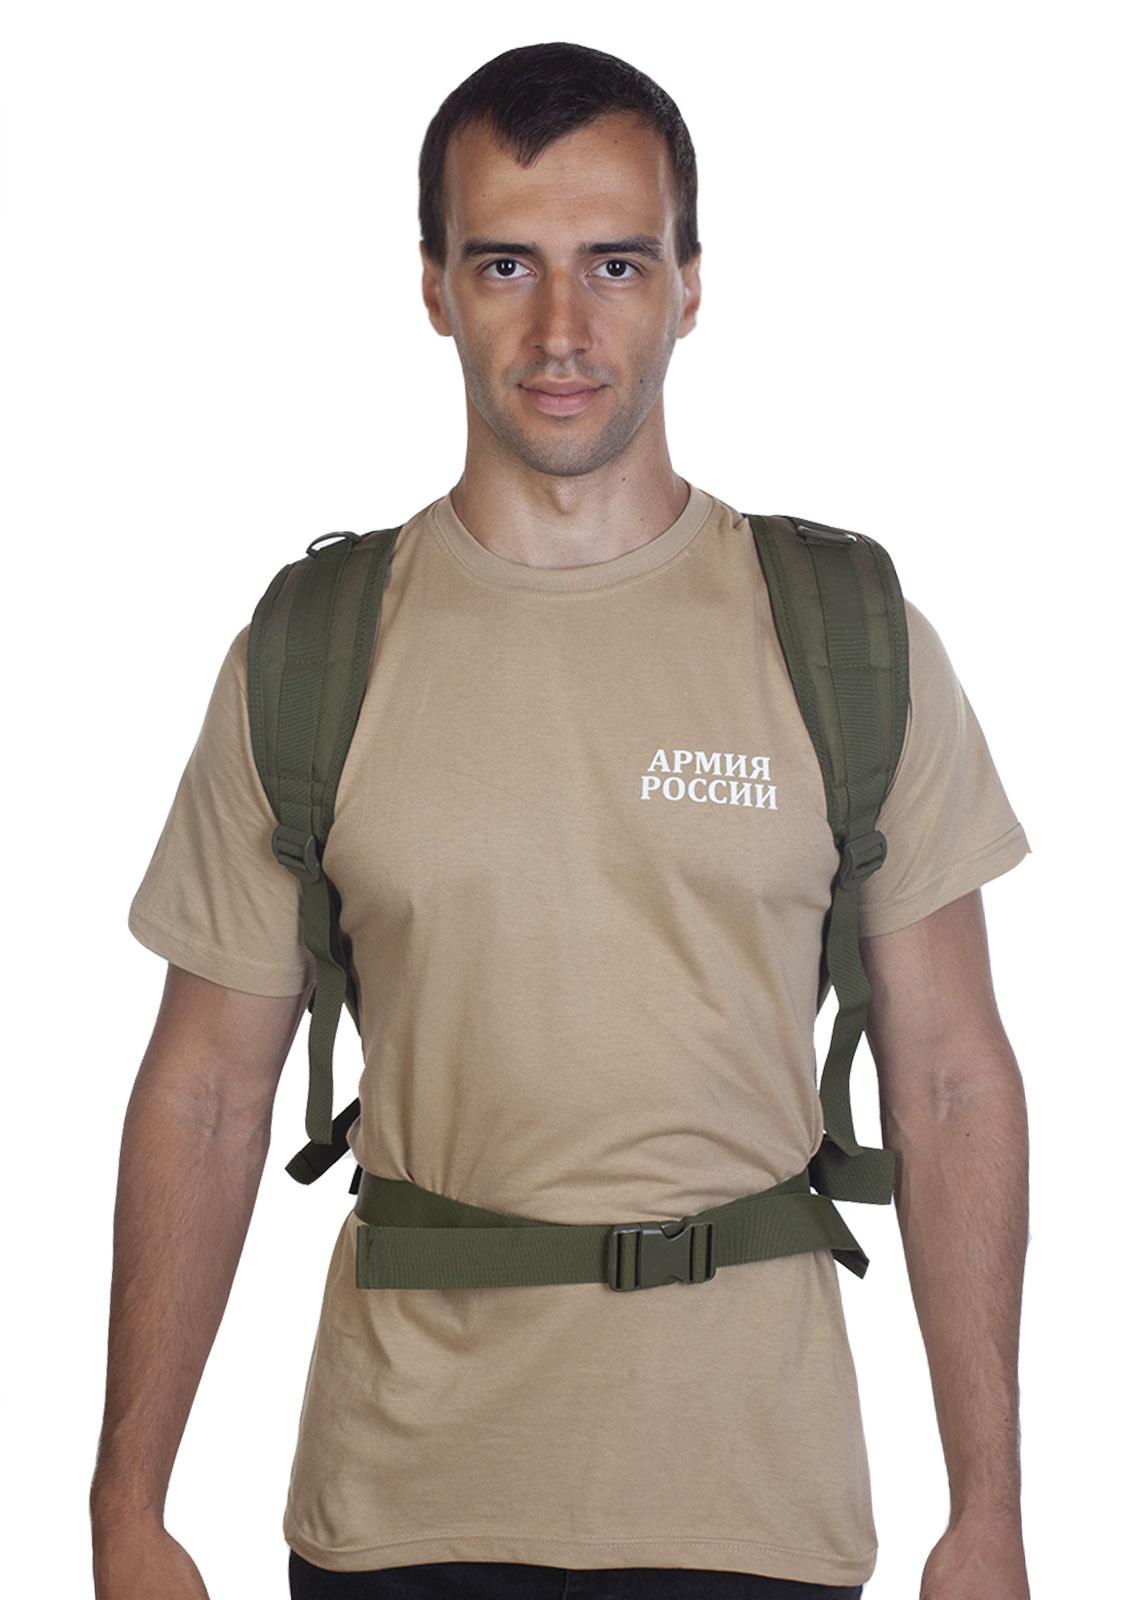 Малообъемный штурмовой рюкзак хаки-олива с доставкой